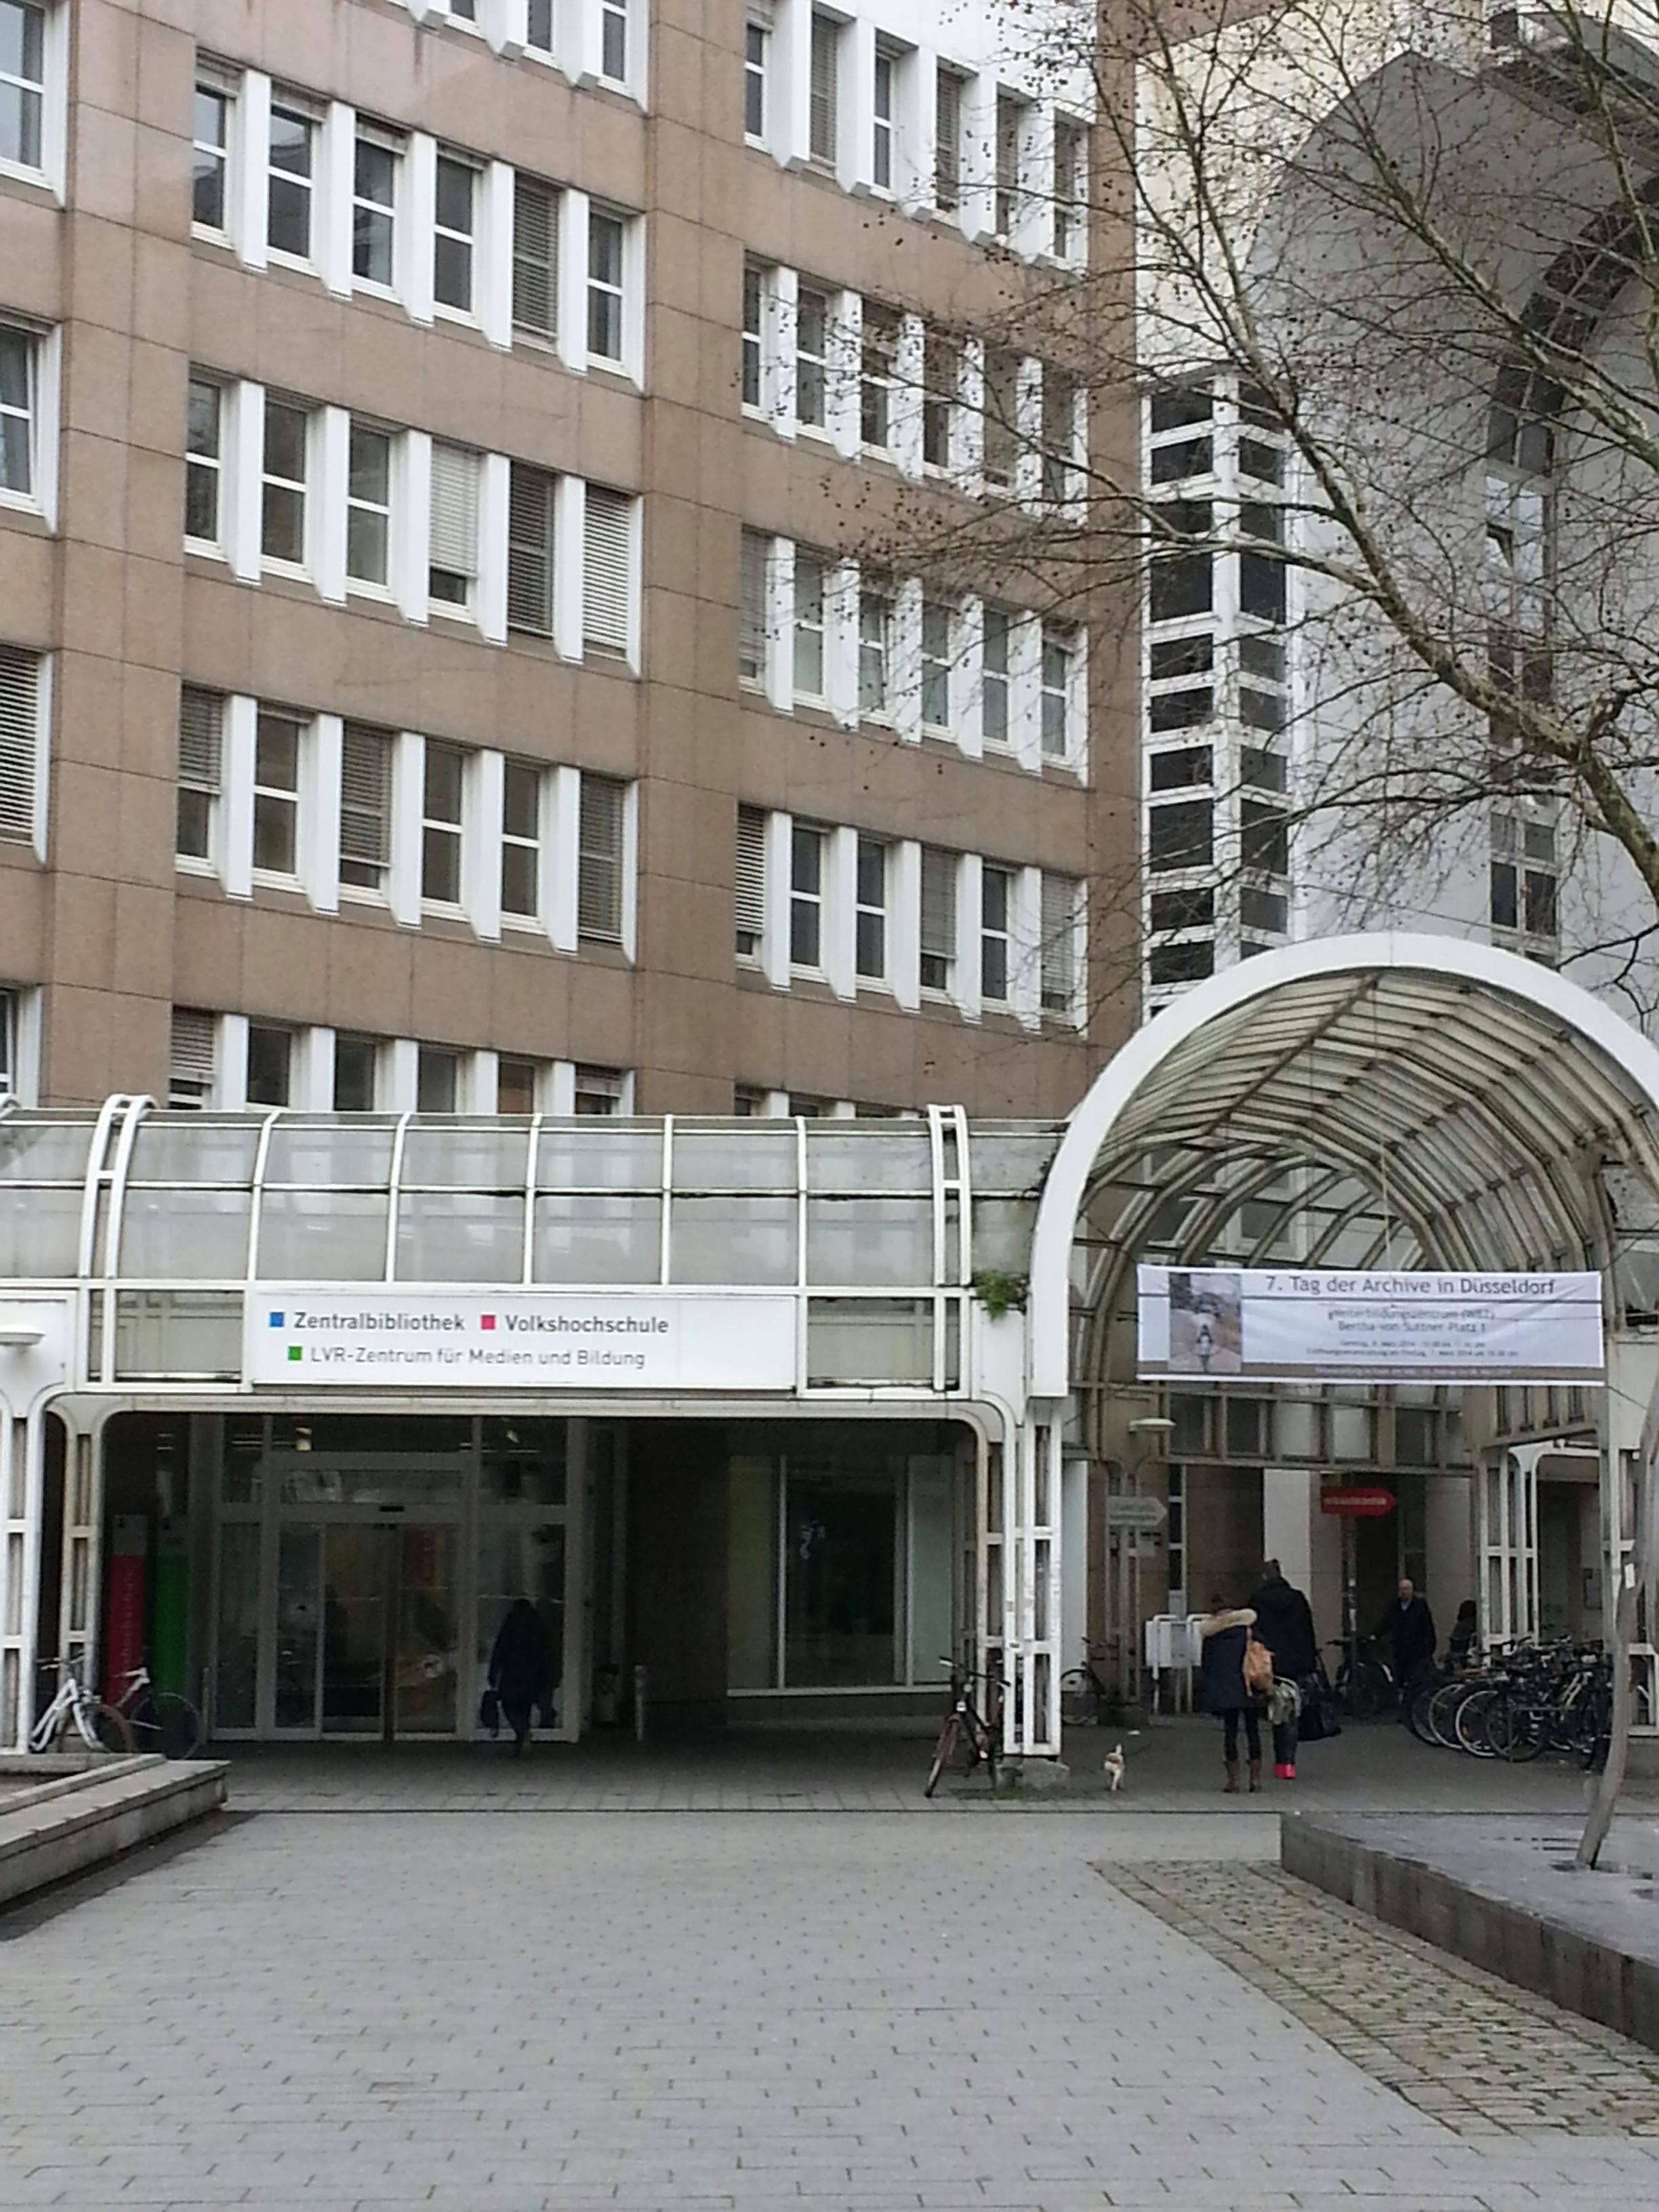 Blick auf den Eingang der Düsseldorfer Stadtbücherei